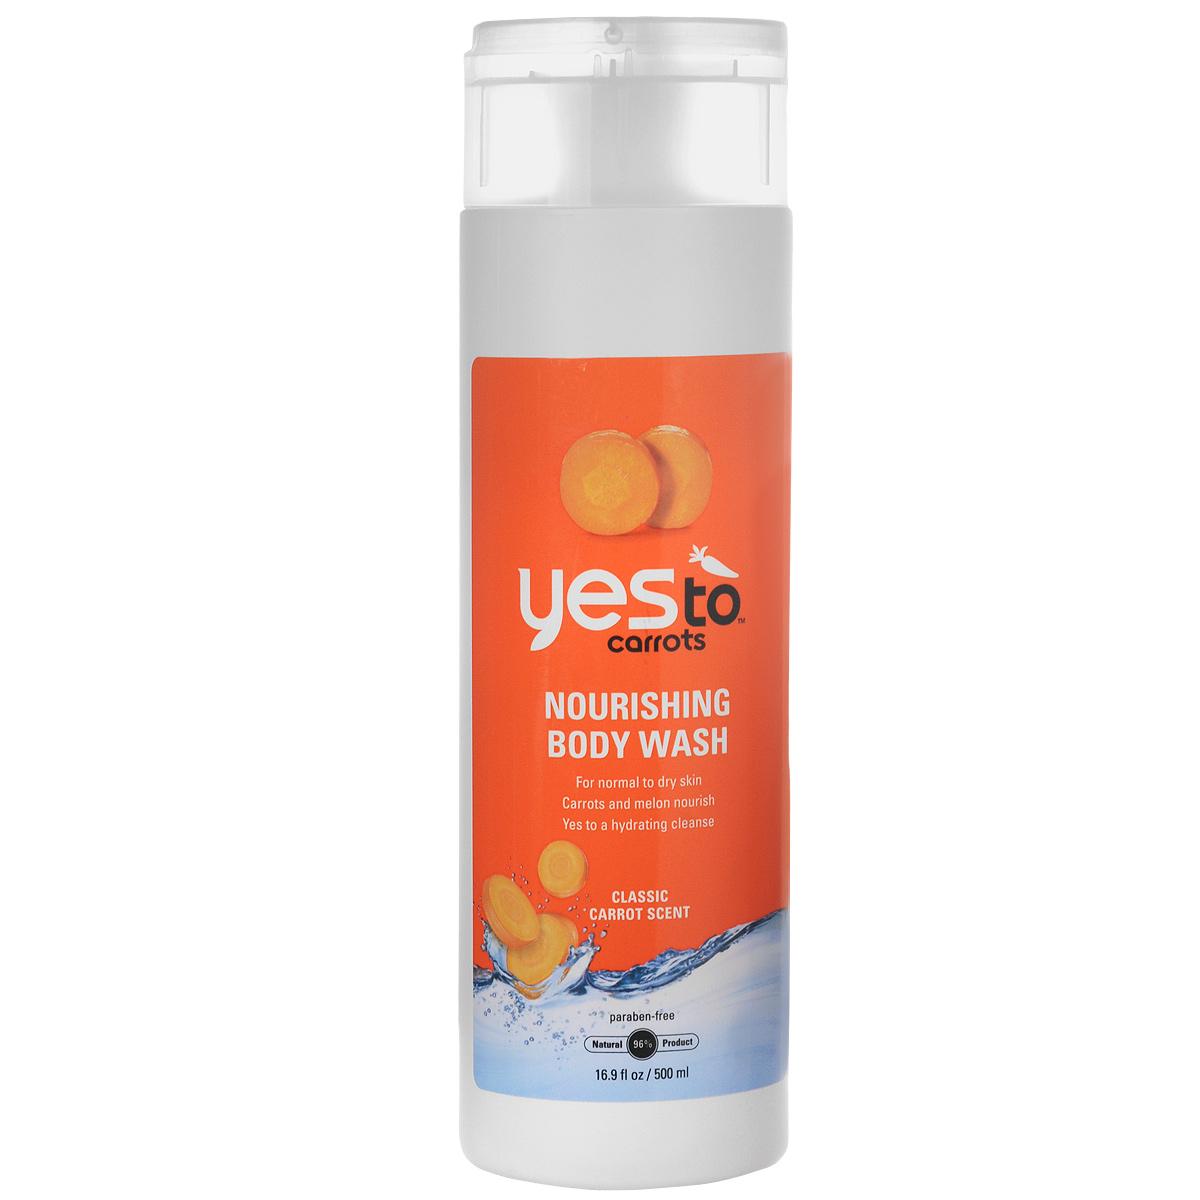 Yes To Морковный гель для душа, для нормальной и сухой кожи, 500 млFS-00897Обогащенный минералами и грязью Мертвого моря гель Морковный дождь очищает, питает и пробуждает кожу, обеспечивая ей идеальный баланс и гладкость!Продукты марки Yes To Carrots созданы на основе морской грязи, минералов и экологически чистых фруктов и овощей, не содержат парабен. Нашему организму достаточно сложно восстанавливаться от воздействия солнечных лучей и загрязненного воздуха. Морковь, цитрусовые и овощи содержат бета-каротин, хорошо известный своими антиоксидантными свойствами. Уникальные формулы продуктов на основе бета-керотина и минералов способствуют естественному процессу защиты от воздействия солнечных лучей и загрязненного воздуха и дарят вам сияние. Характеристики:Объем: 500 мл. Производитель: Израиль. Товар сертифицирован.